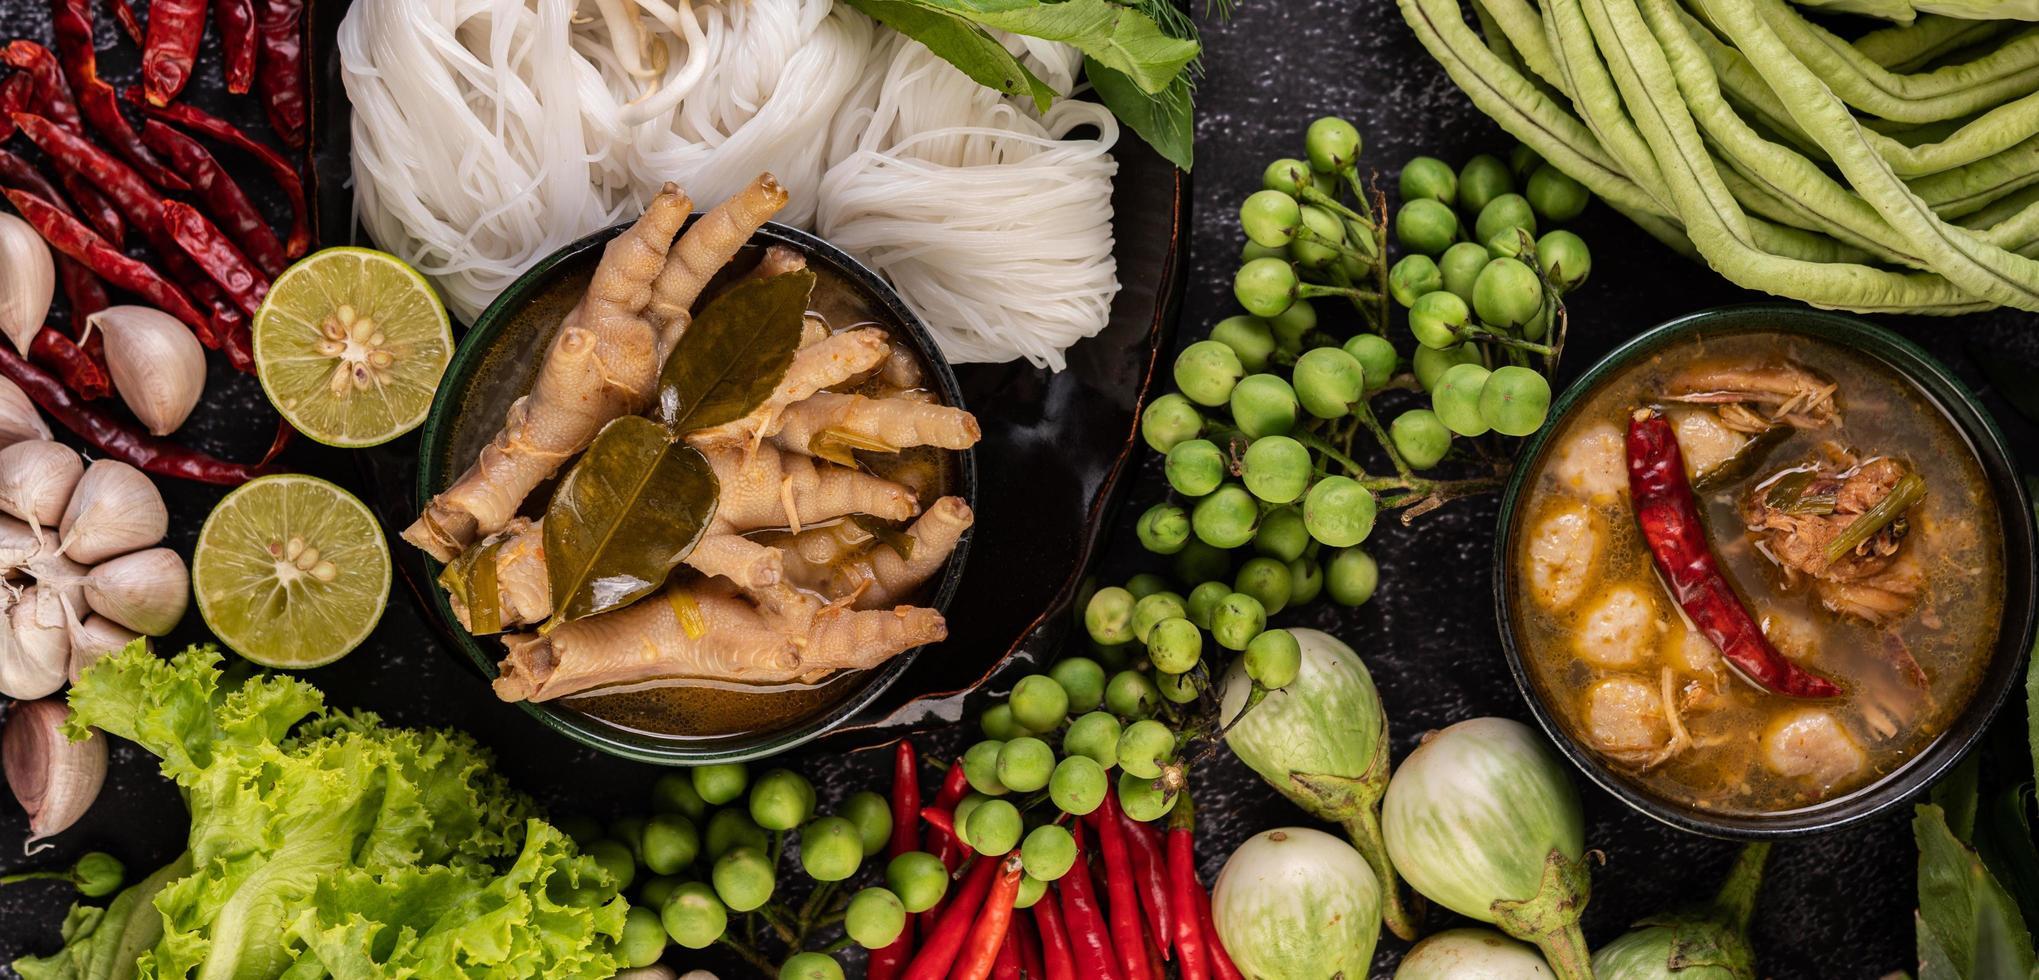 rijstnoedels en kippenpoten met bonen foto